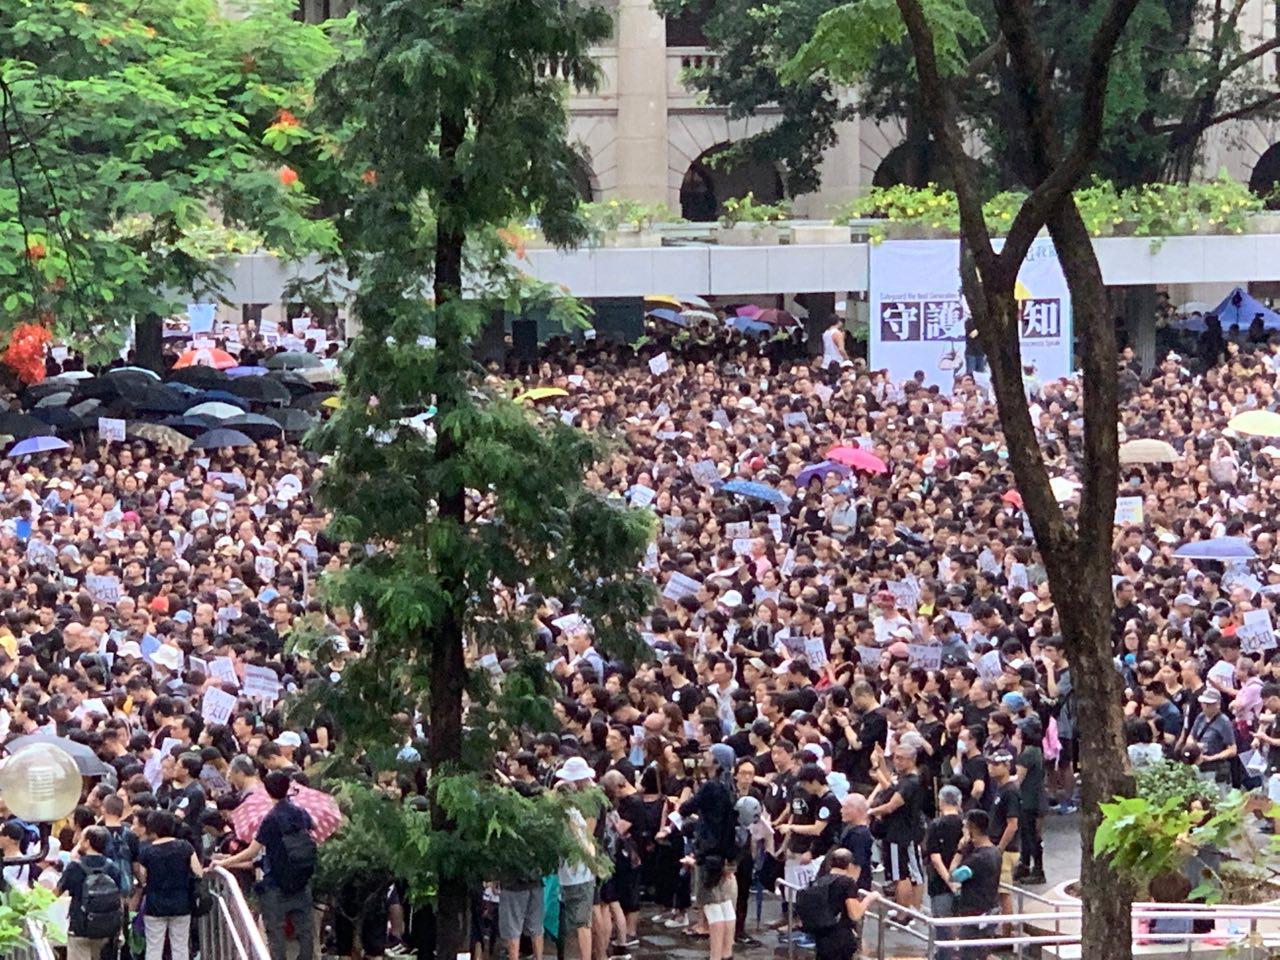 【8.17反送中】守護下一代 香港教育界2.2萬人冒雨遊行